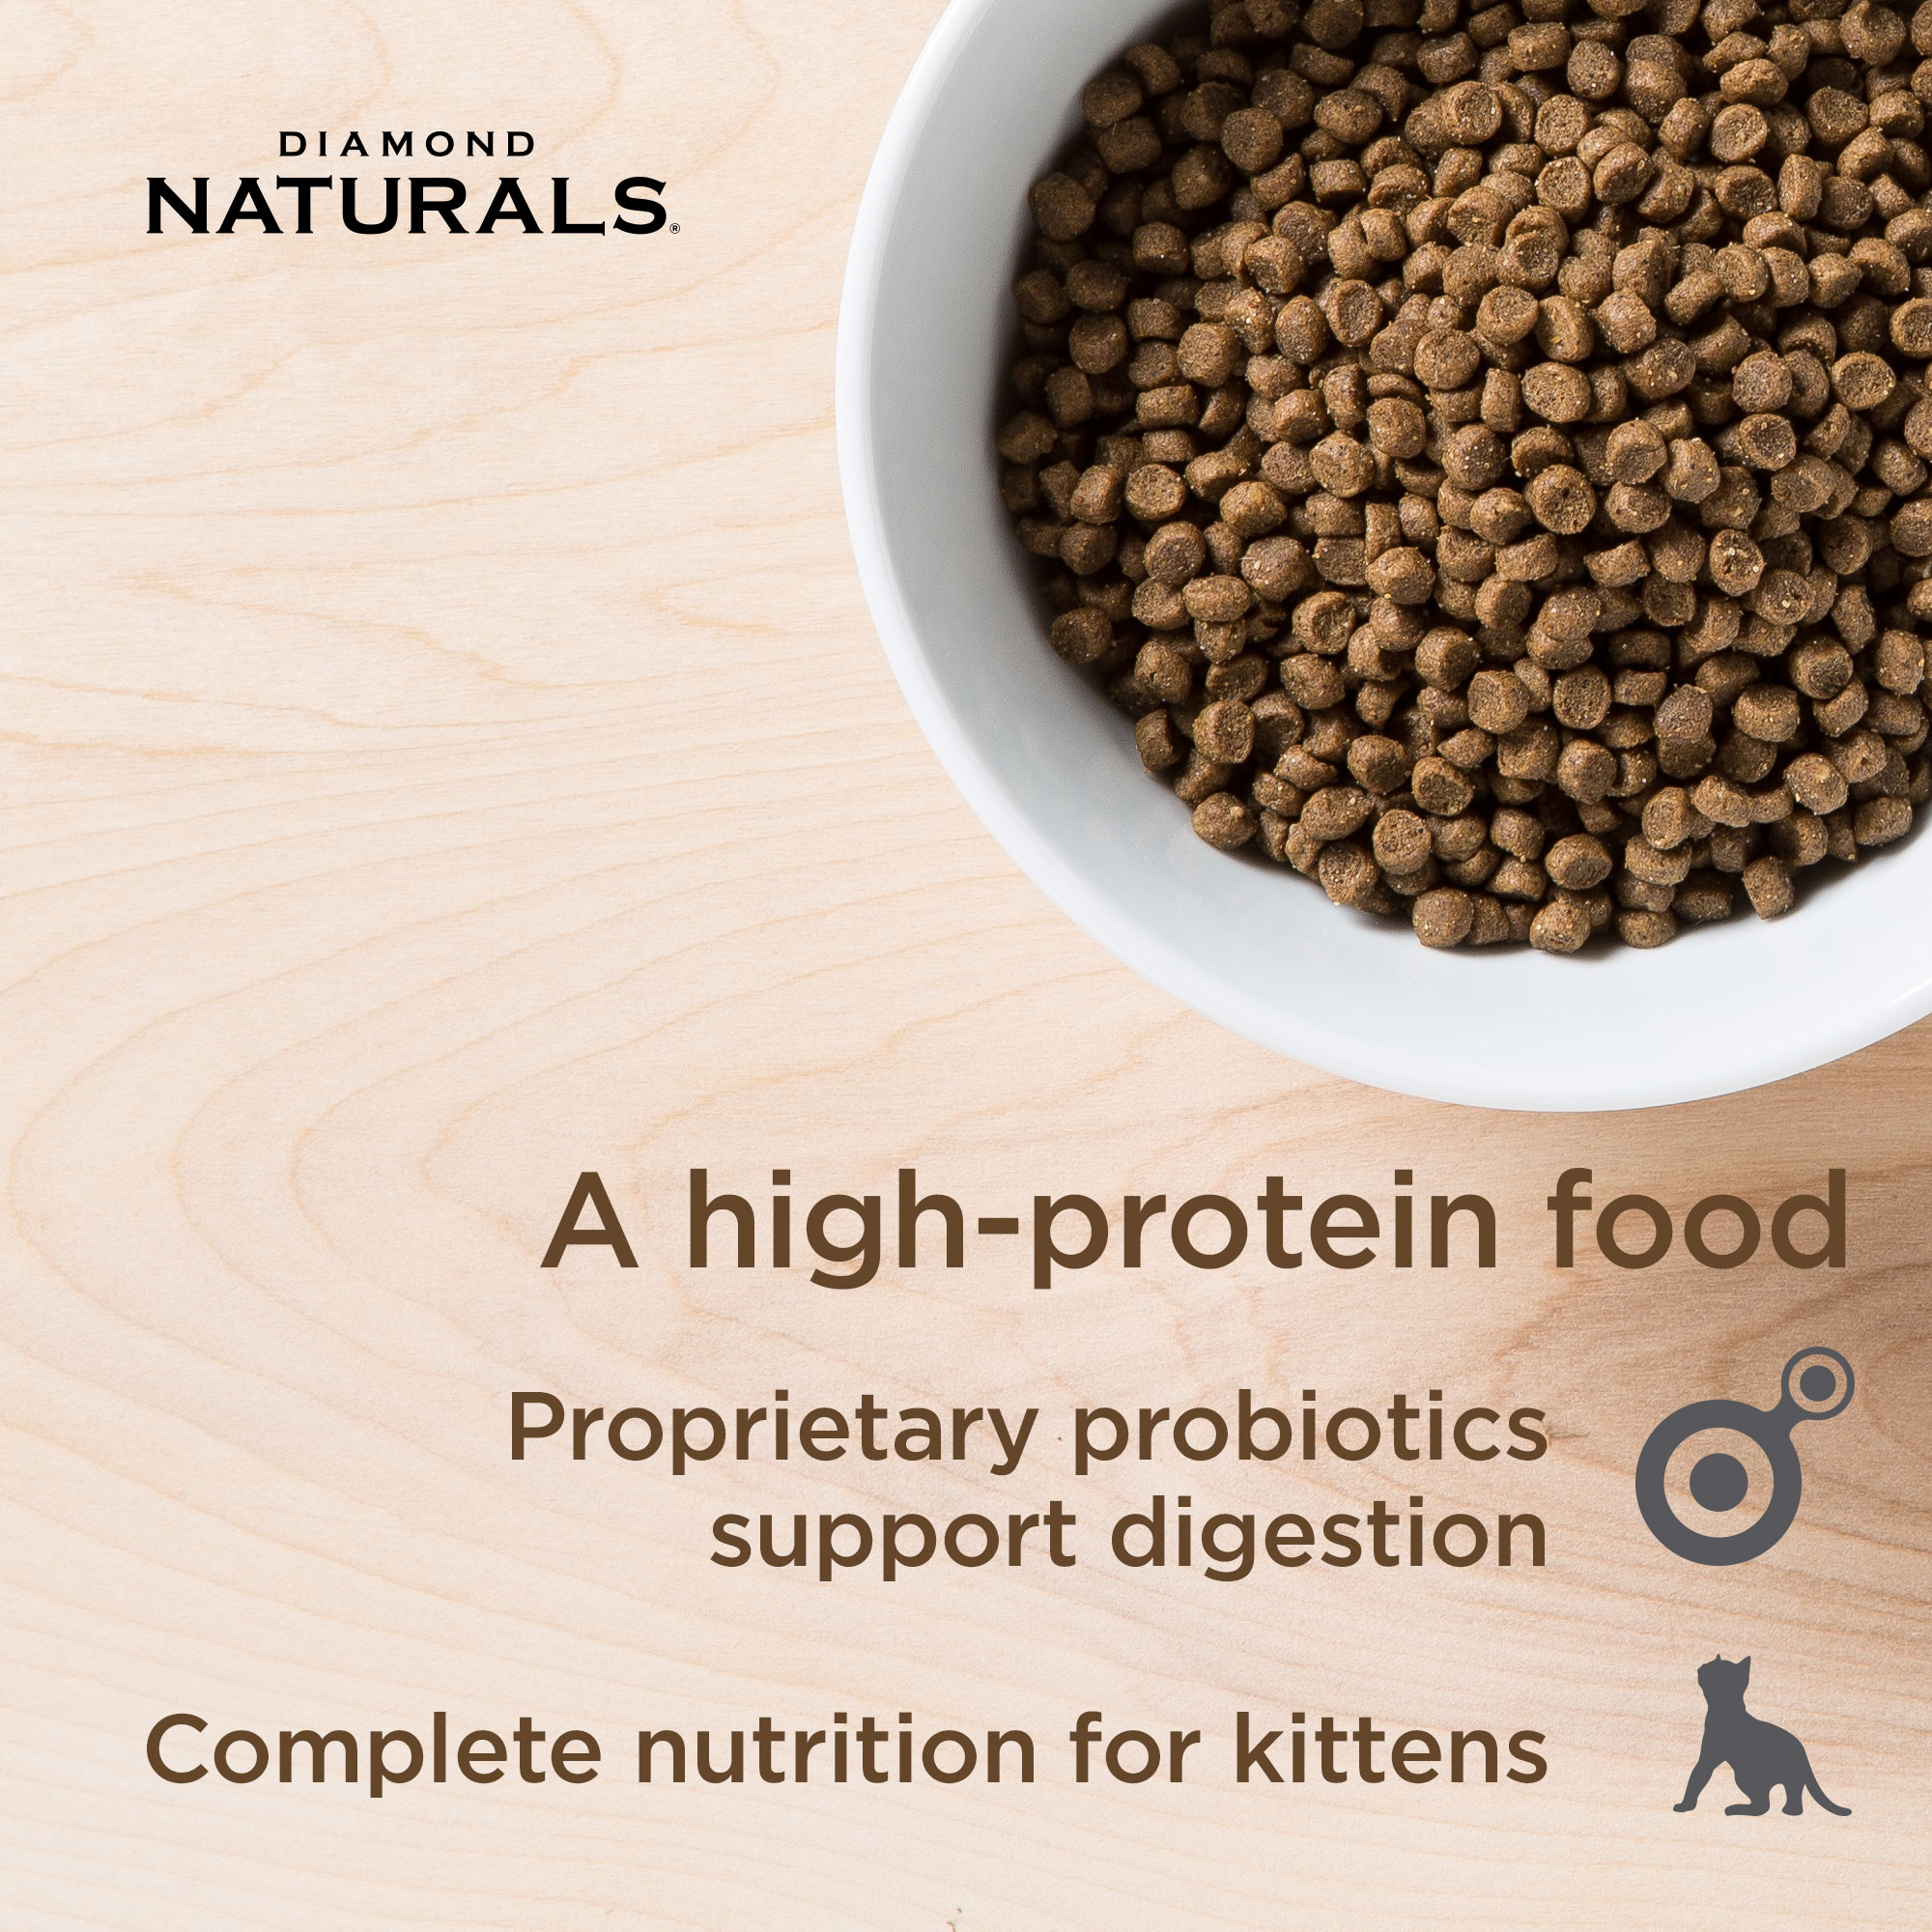 nutrition for kittens